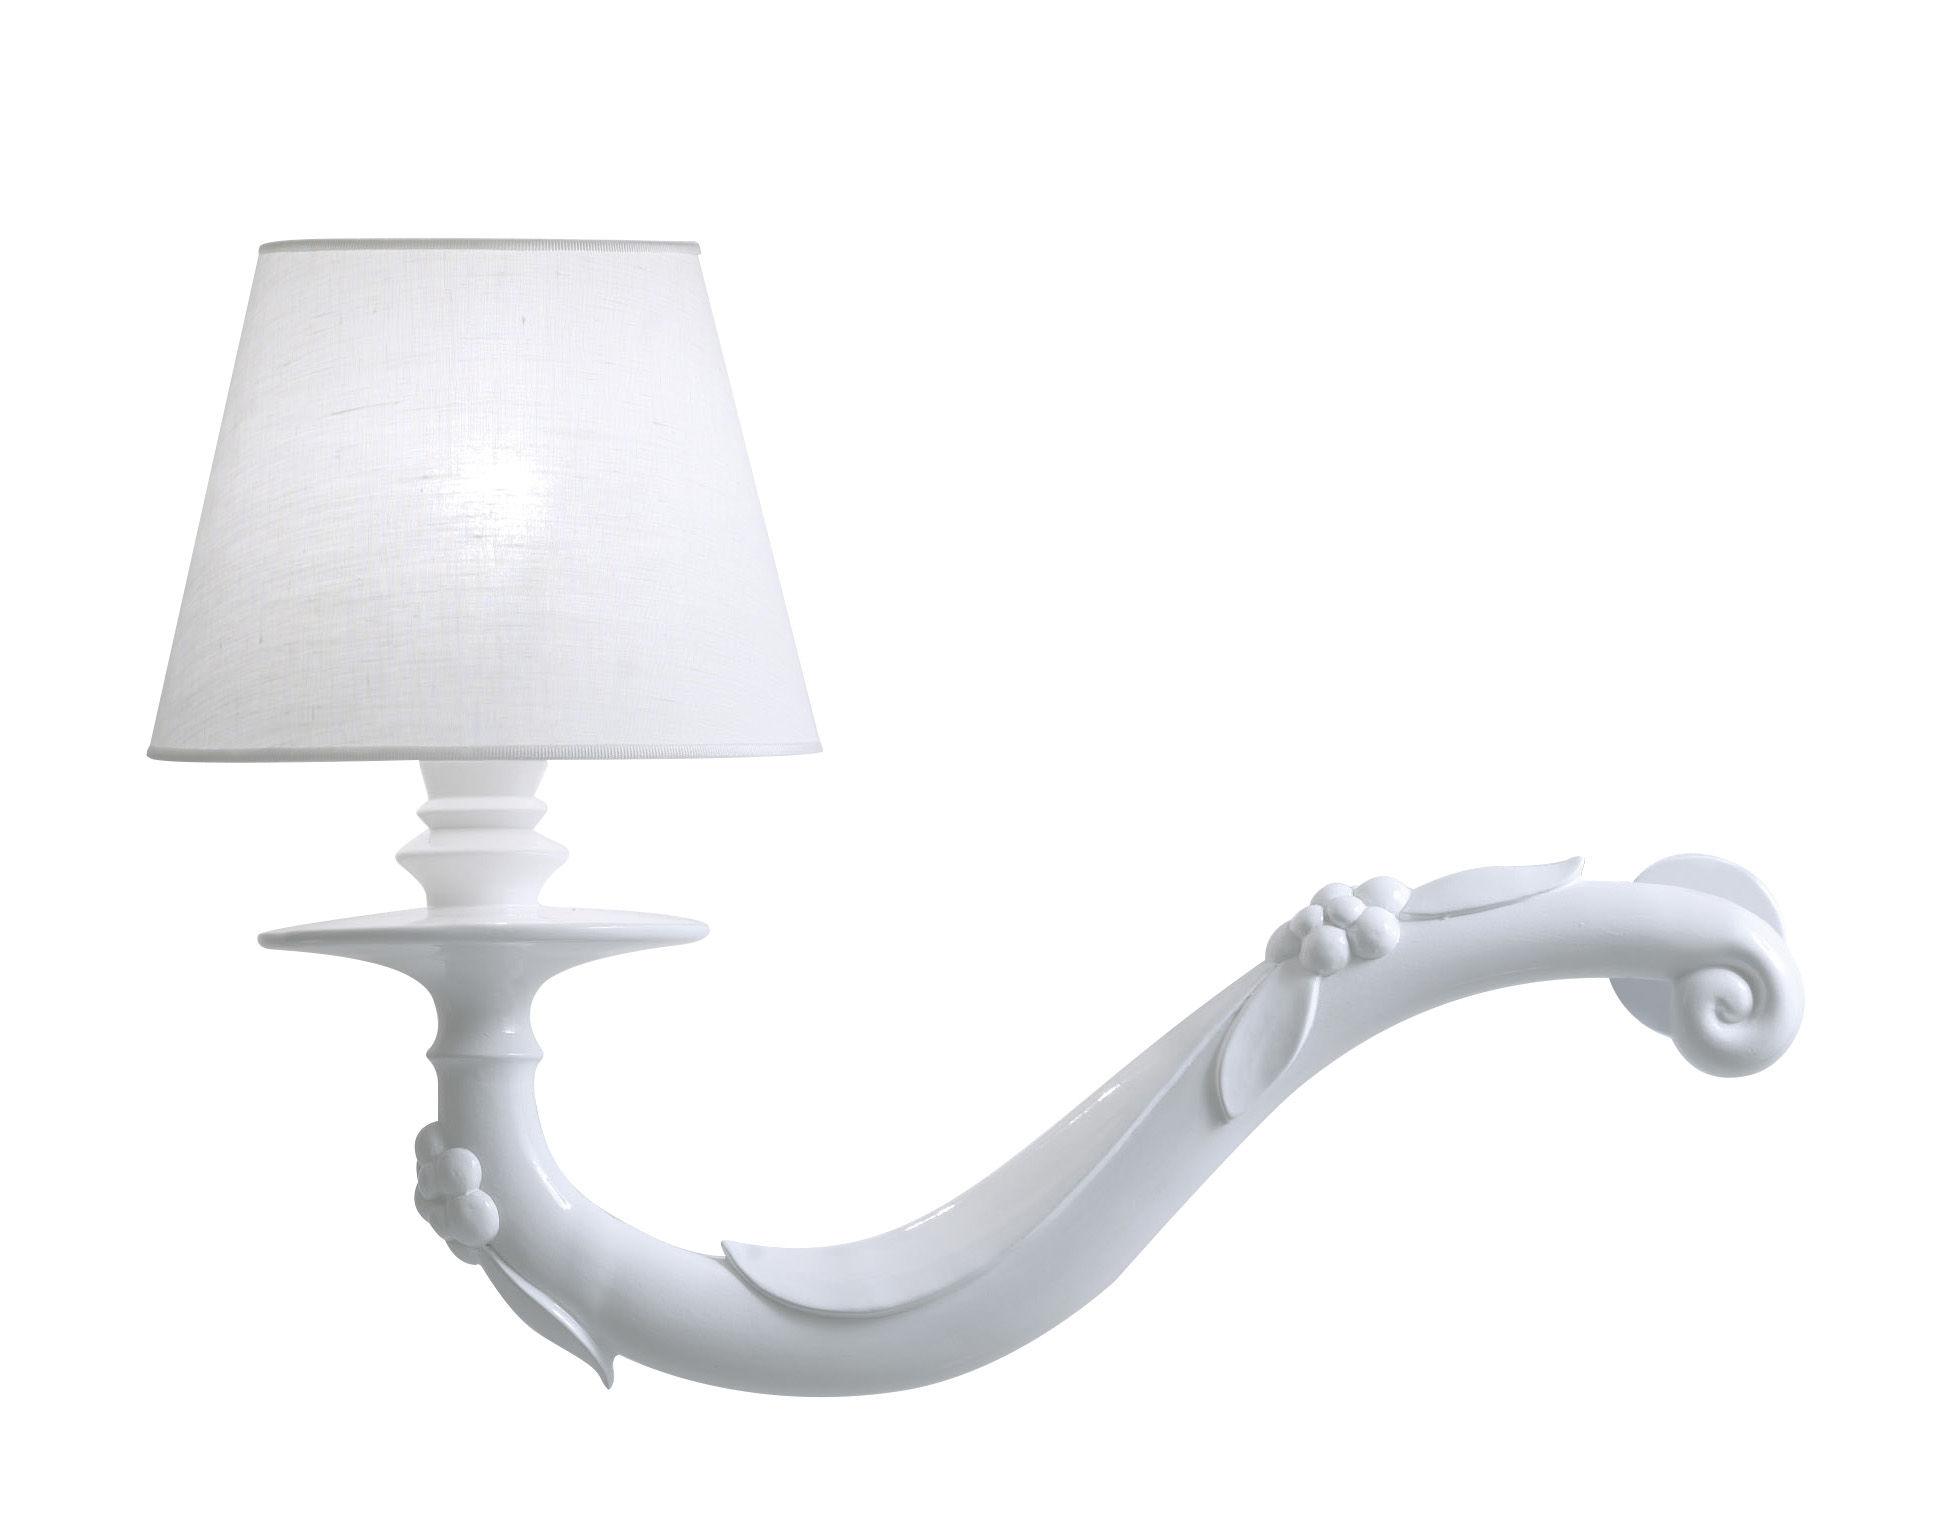 Lighting - Wall Lights - Déjà-vu Wall light - Ceramic & Linen - L 45 x H 32 cm by Karman - Glossy white - Ceramic, Linen